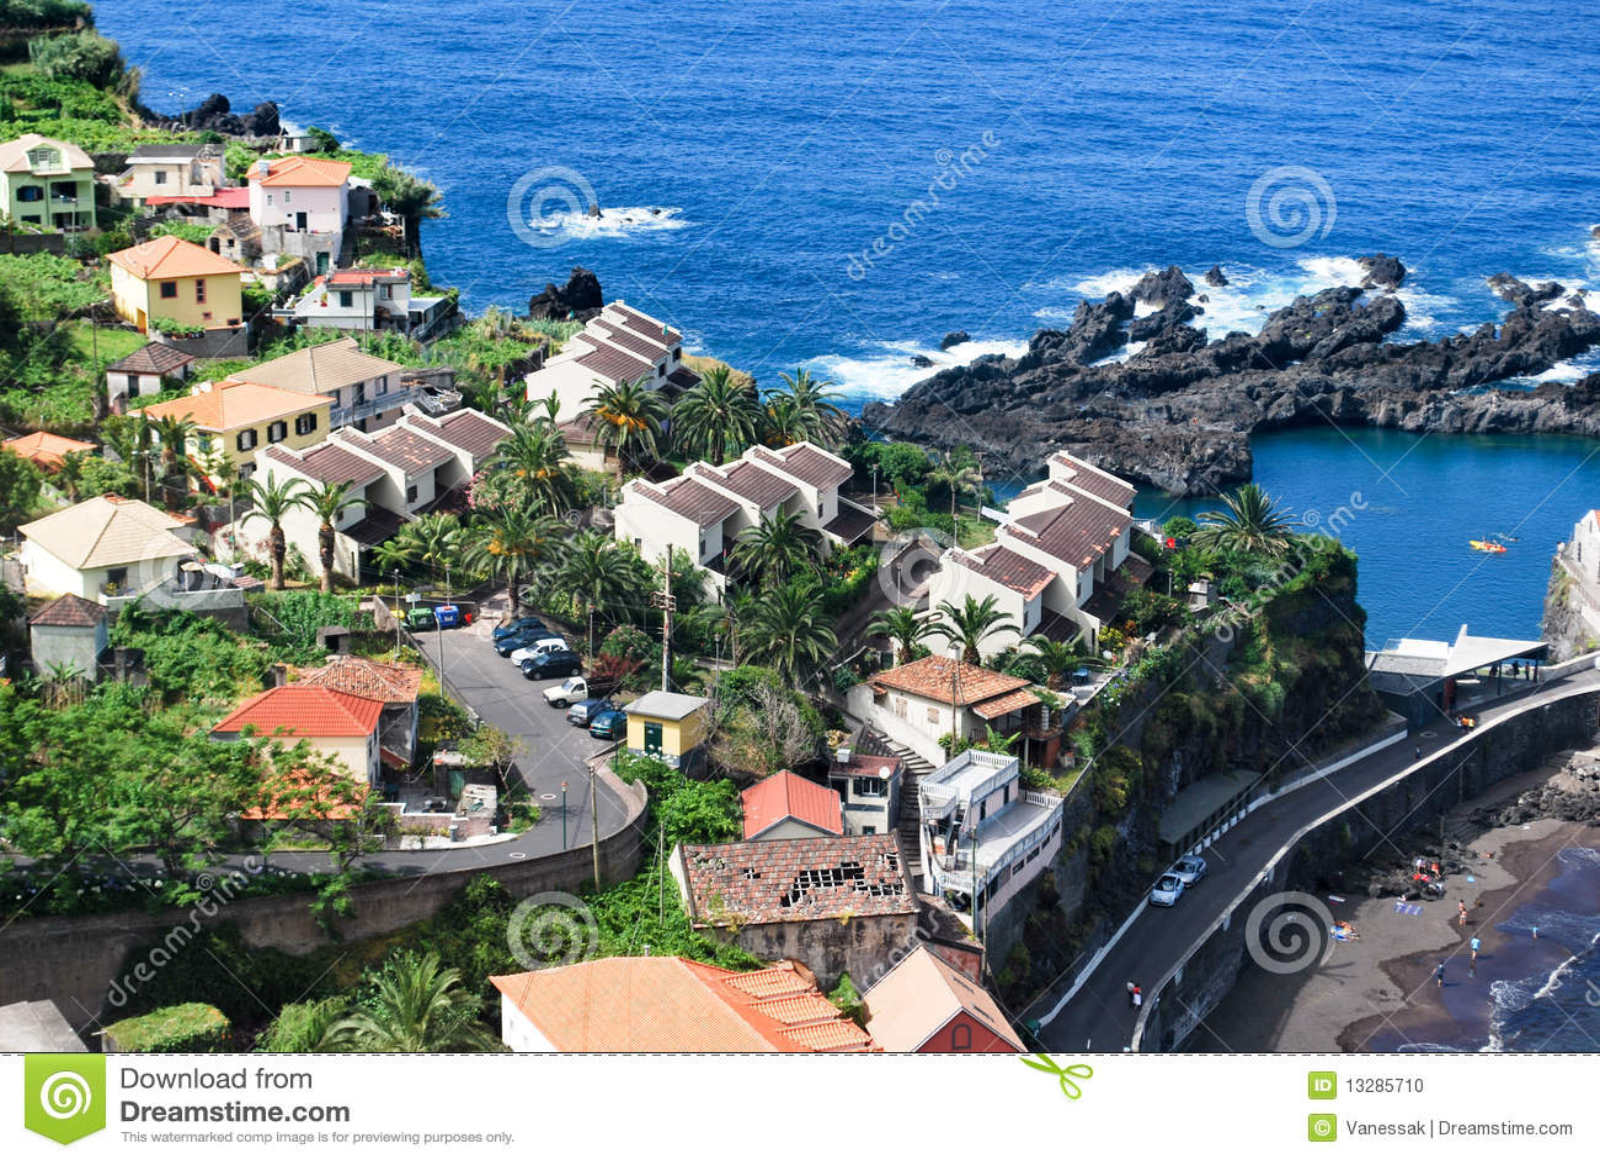 The houses of Porto Moniz